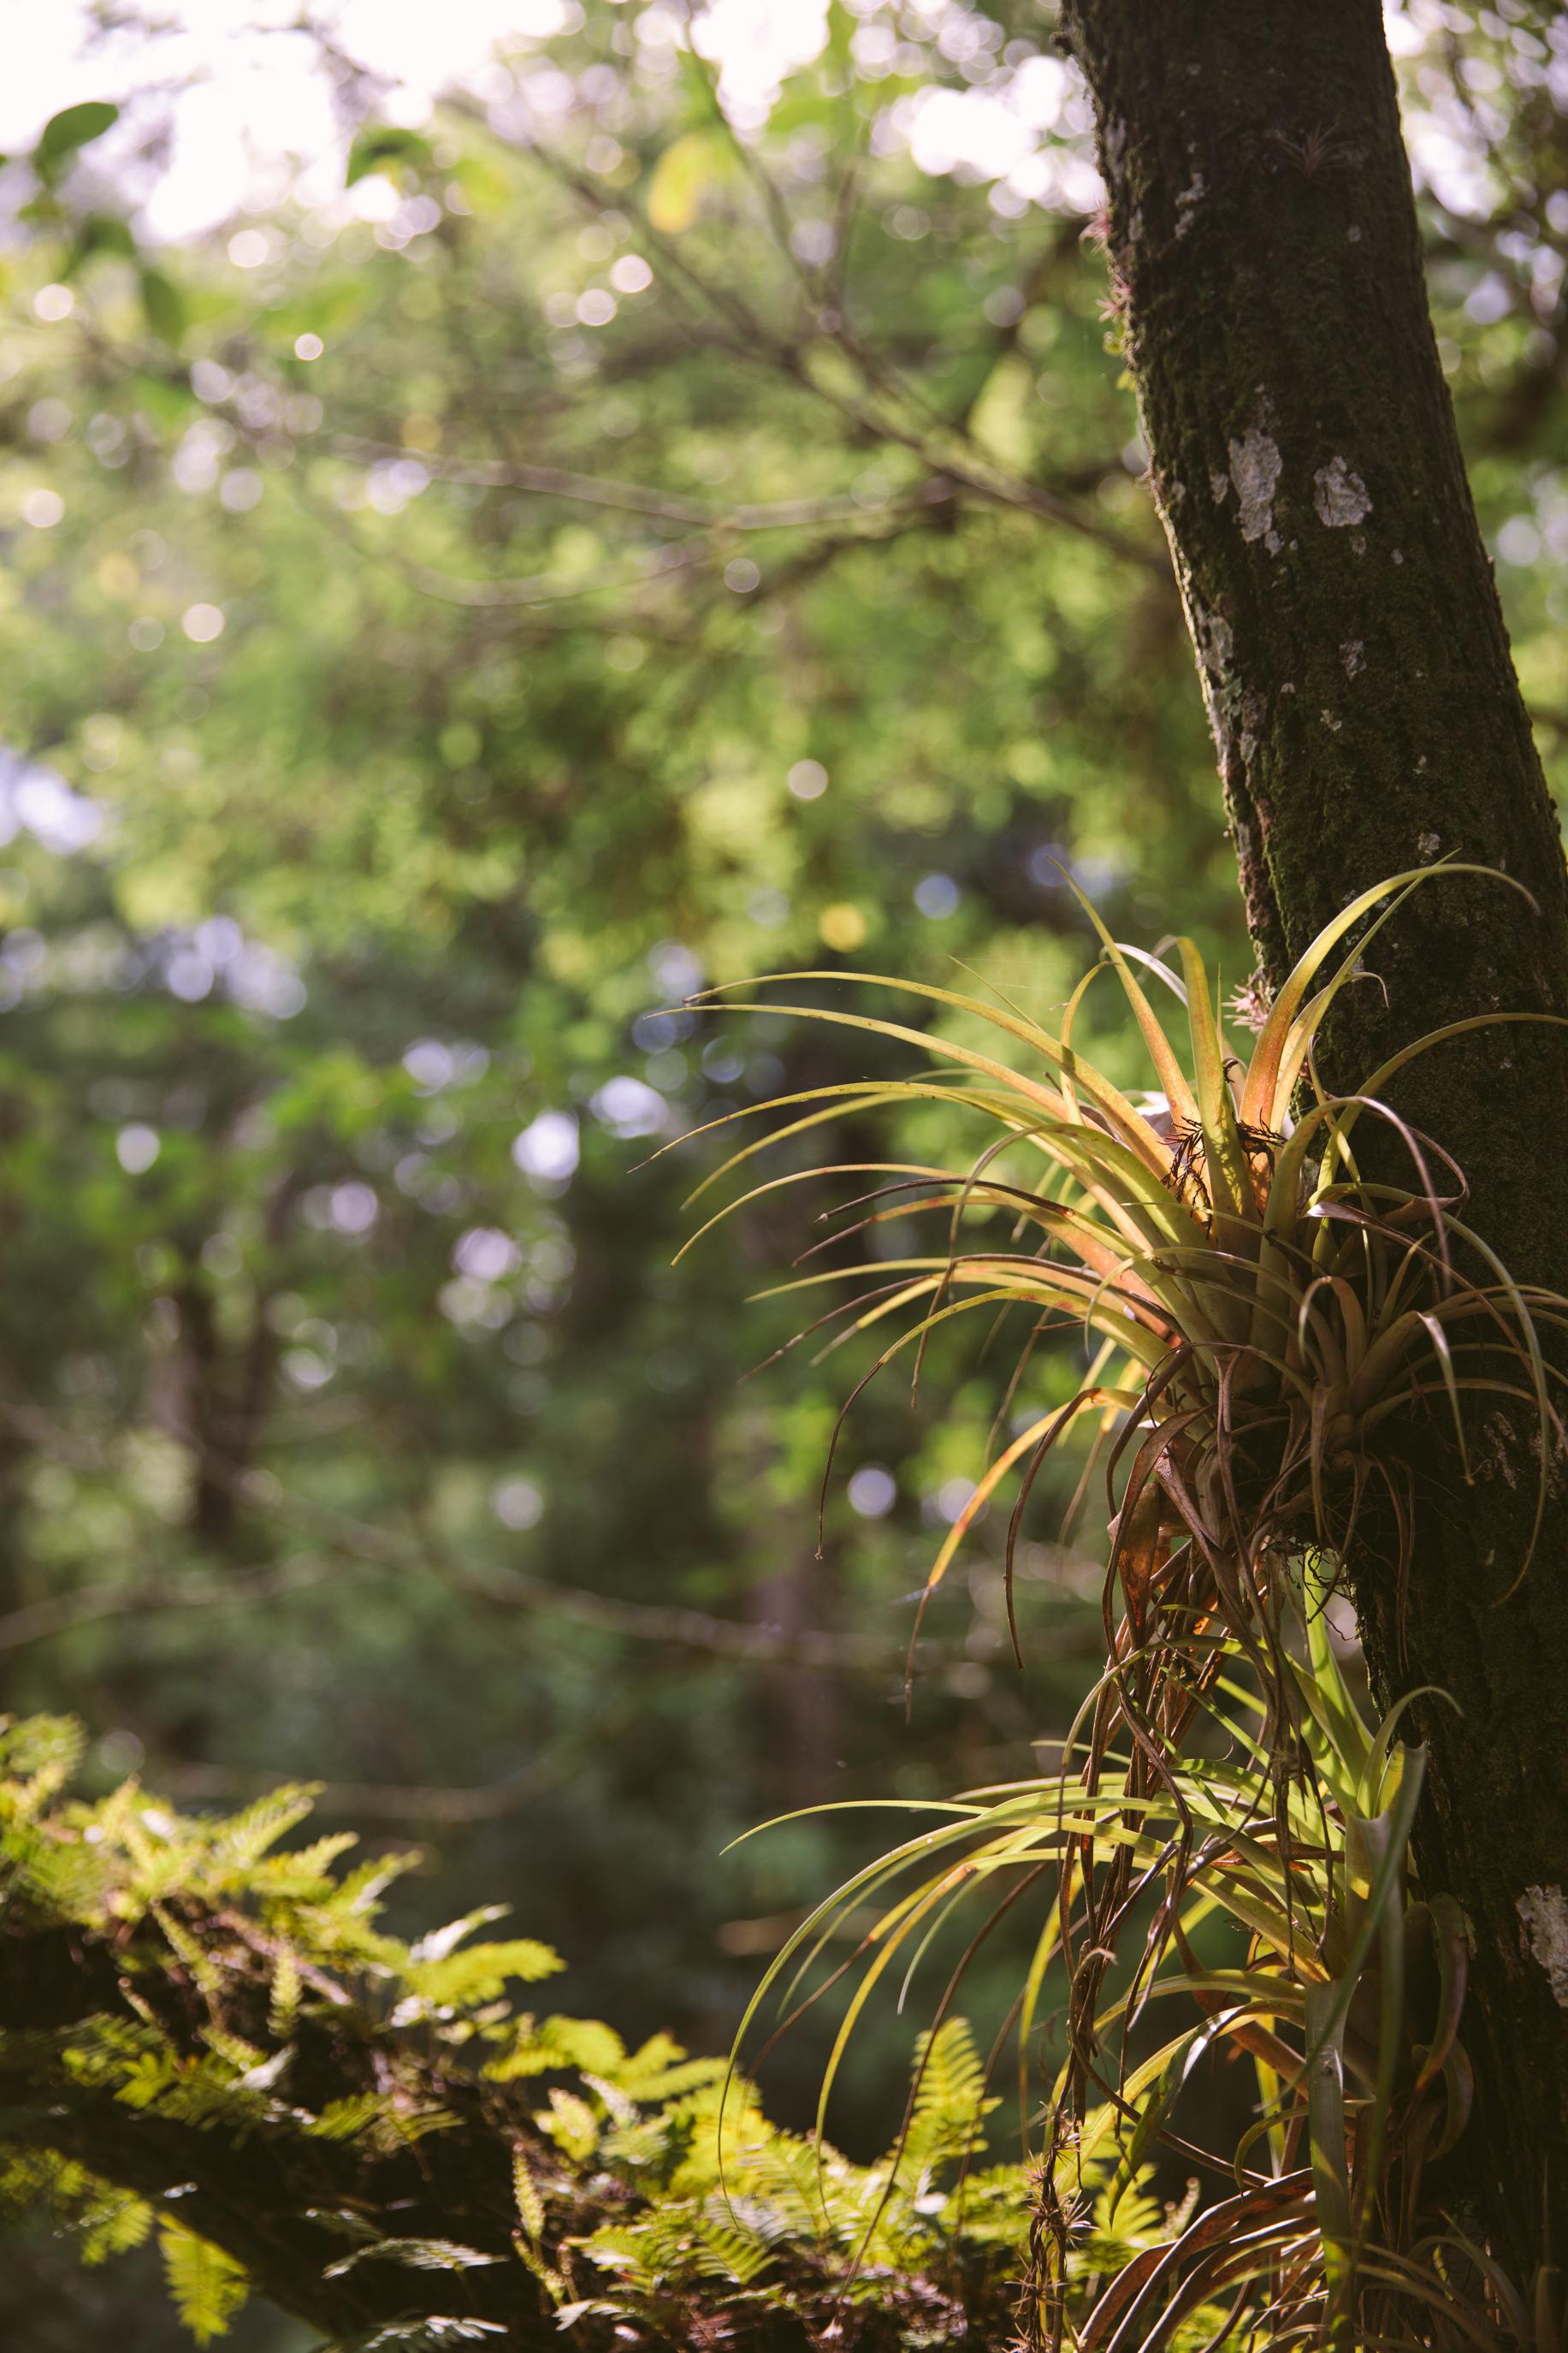 Florida-ElenaPressprich-36.jpg